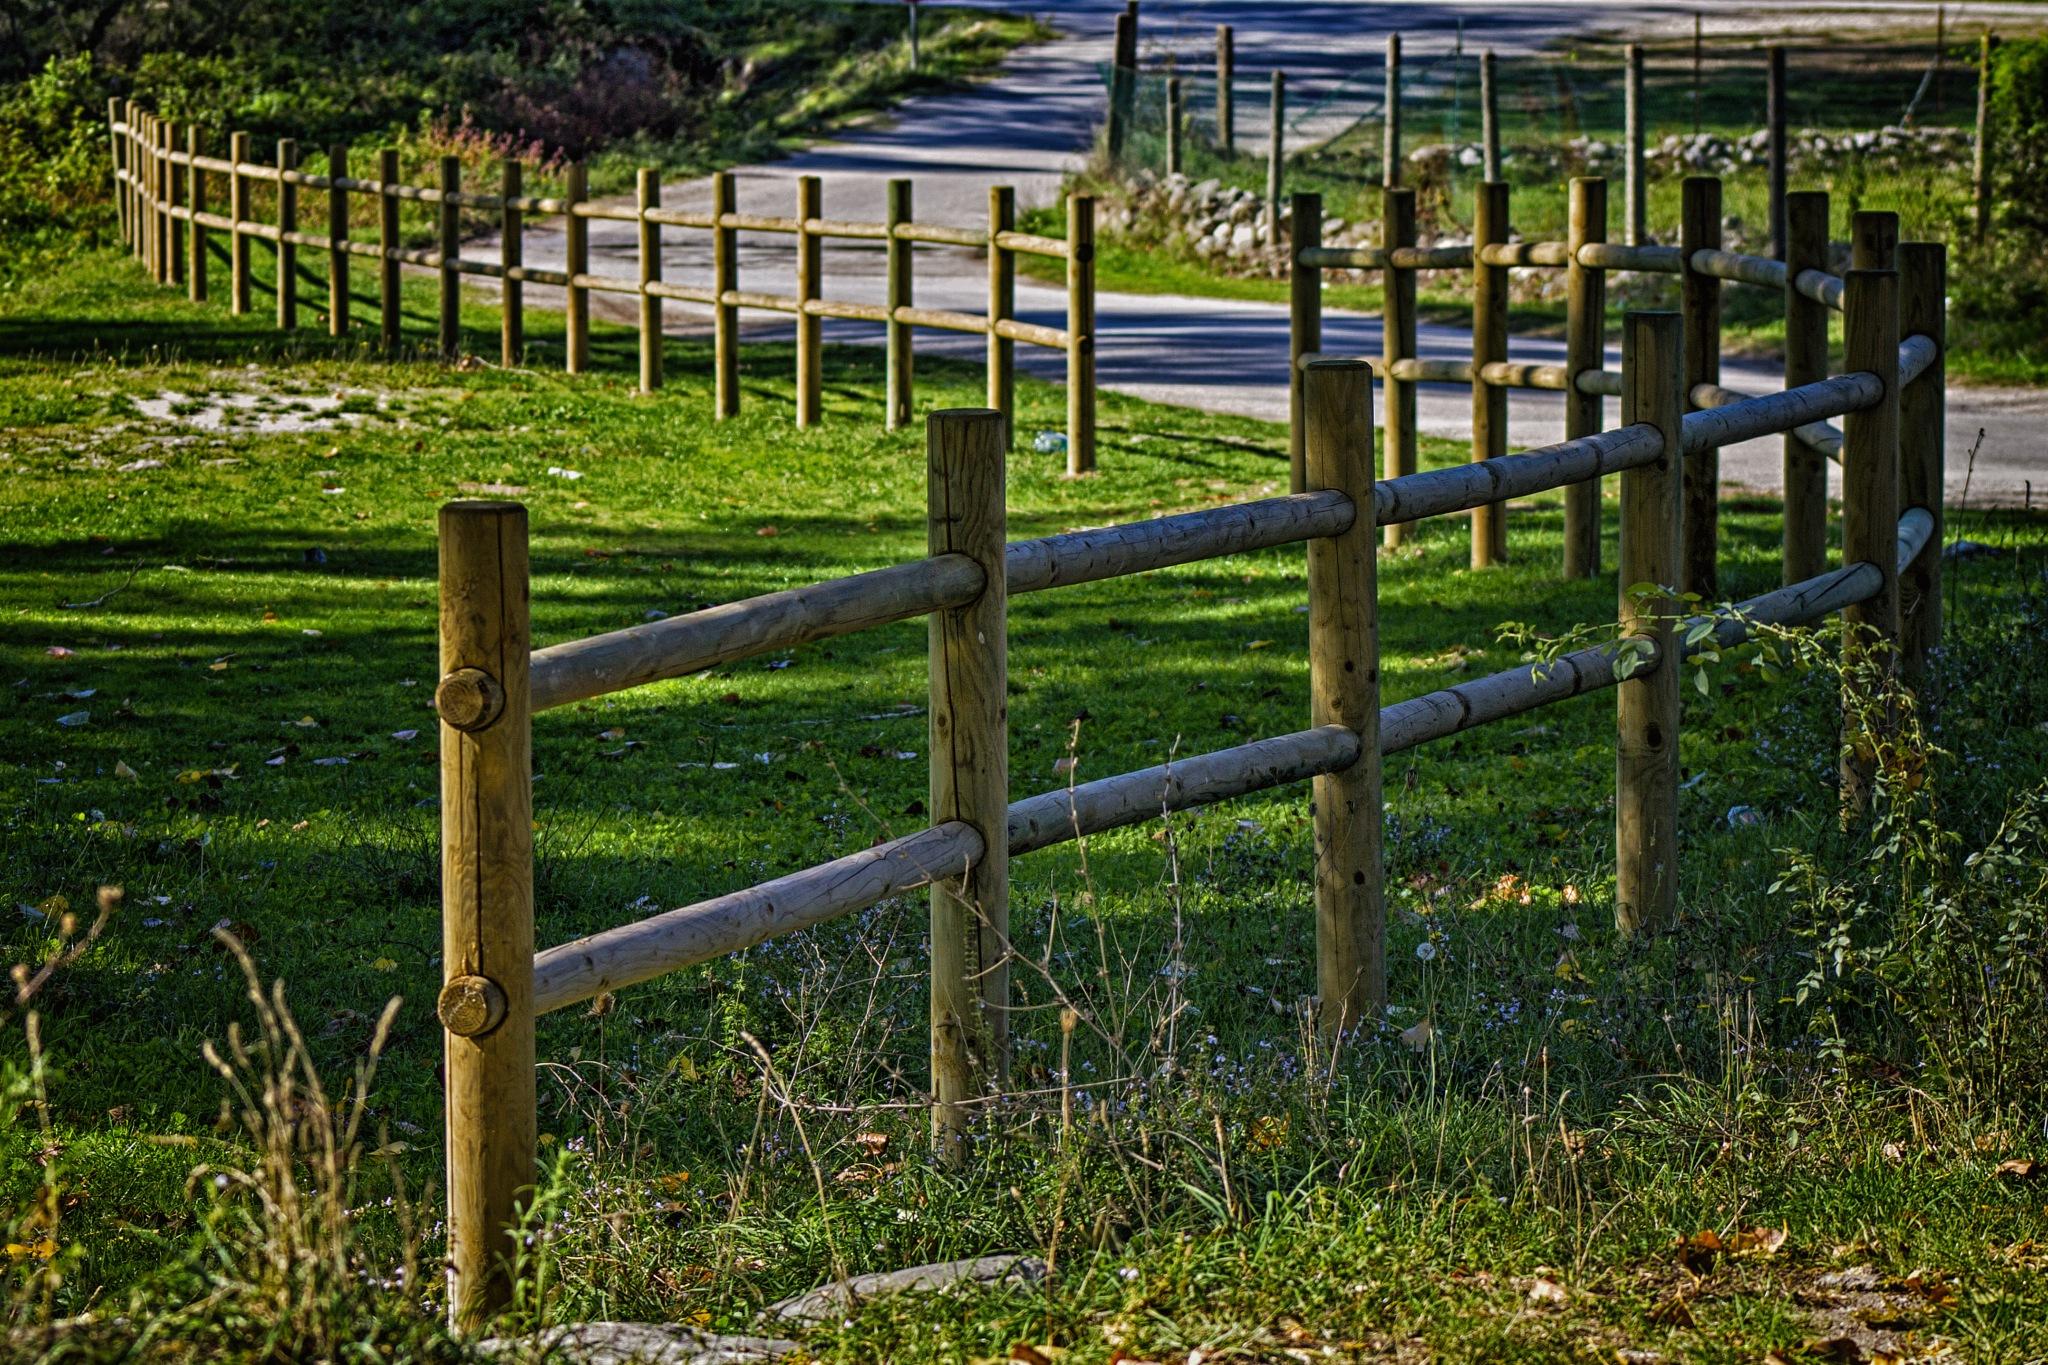 The farm by Salvatore Bertolino